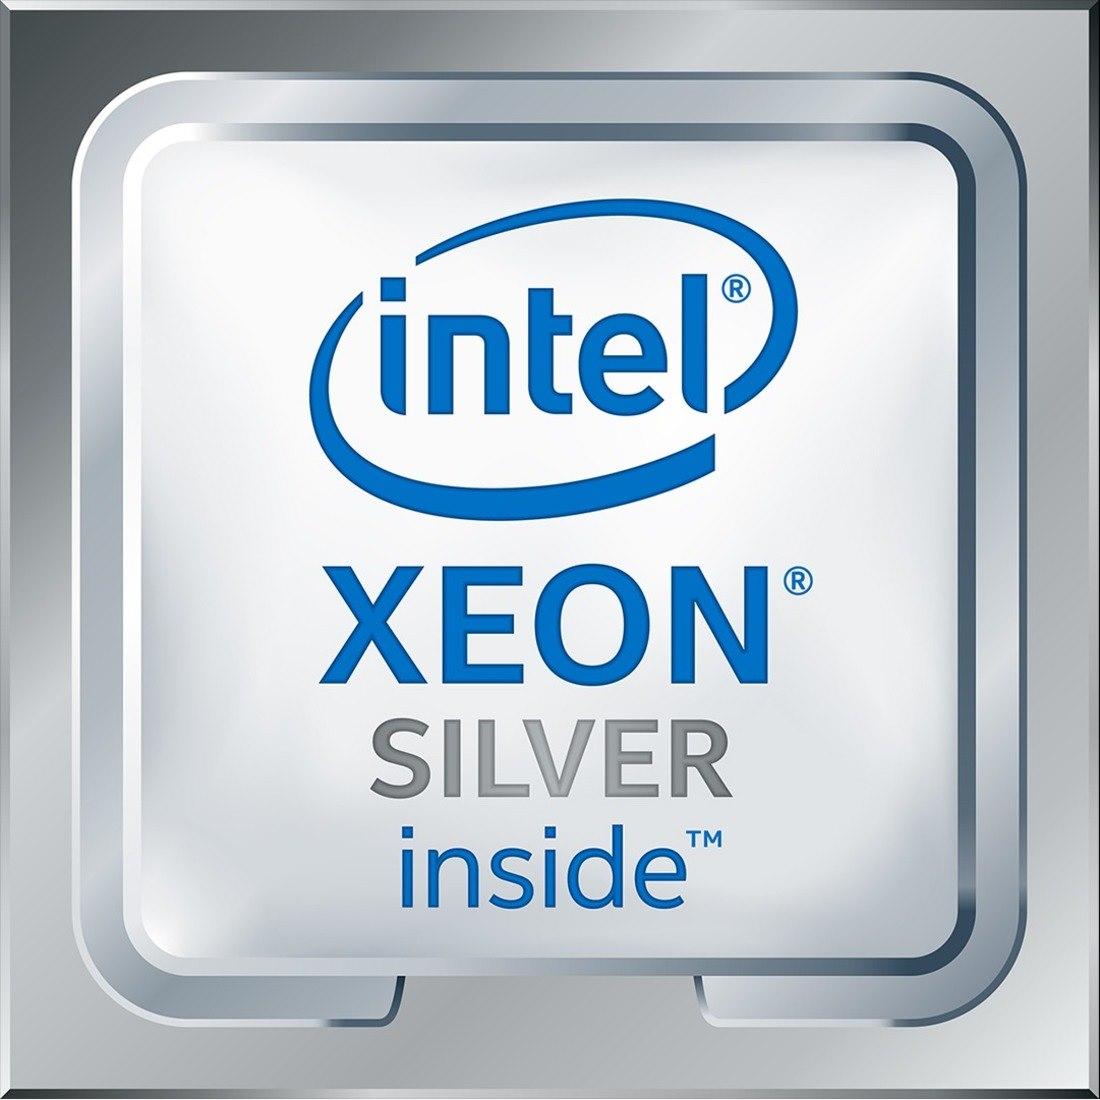 Cisco Intel Xeon Silver 4108 Octa-core (8 Core) 1.80 GHz Processor Upgrade